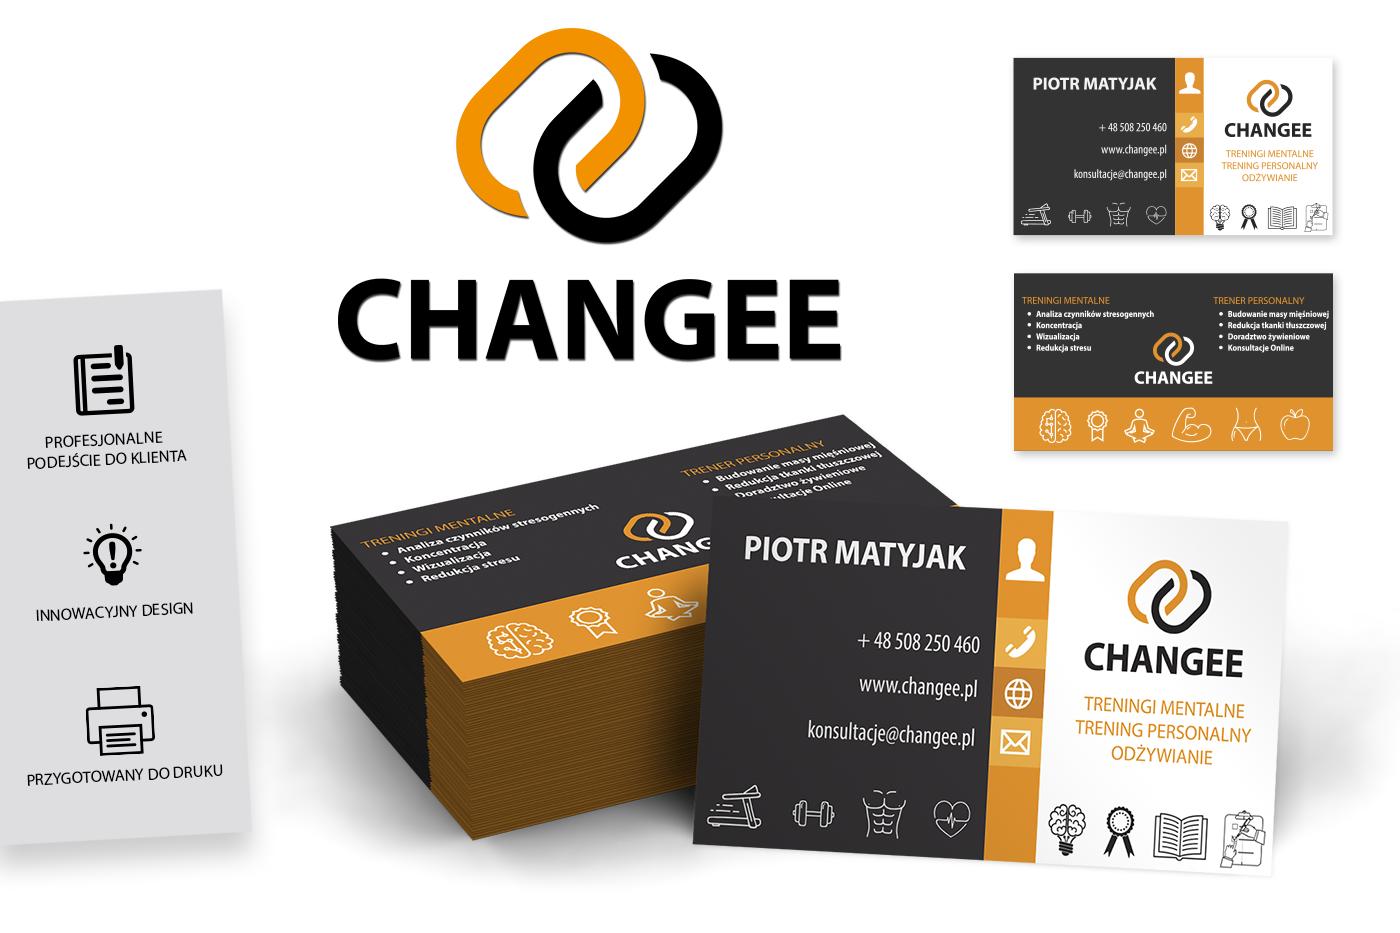 Portfolio - Grafika komputerowa Geek Imagination - Wizytówka firmowa trenera personalnego Changee